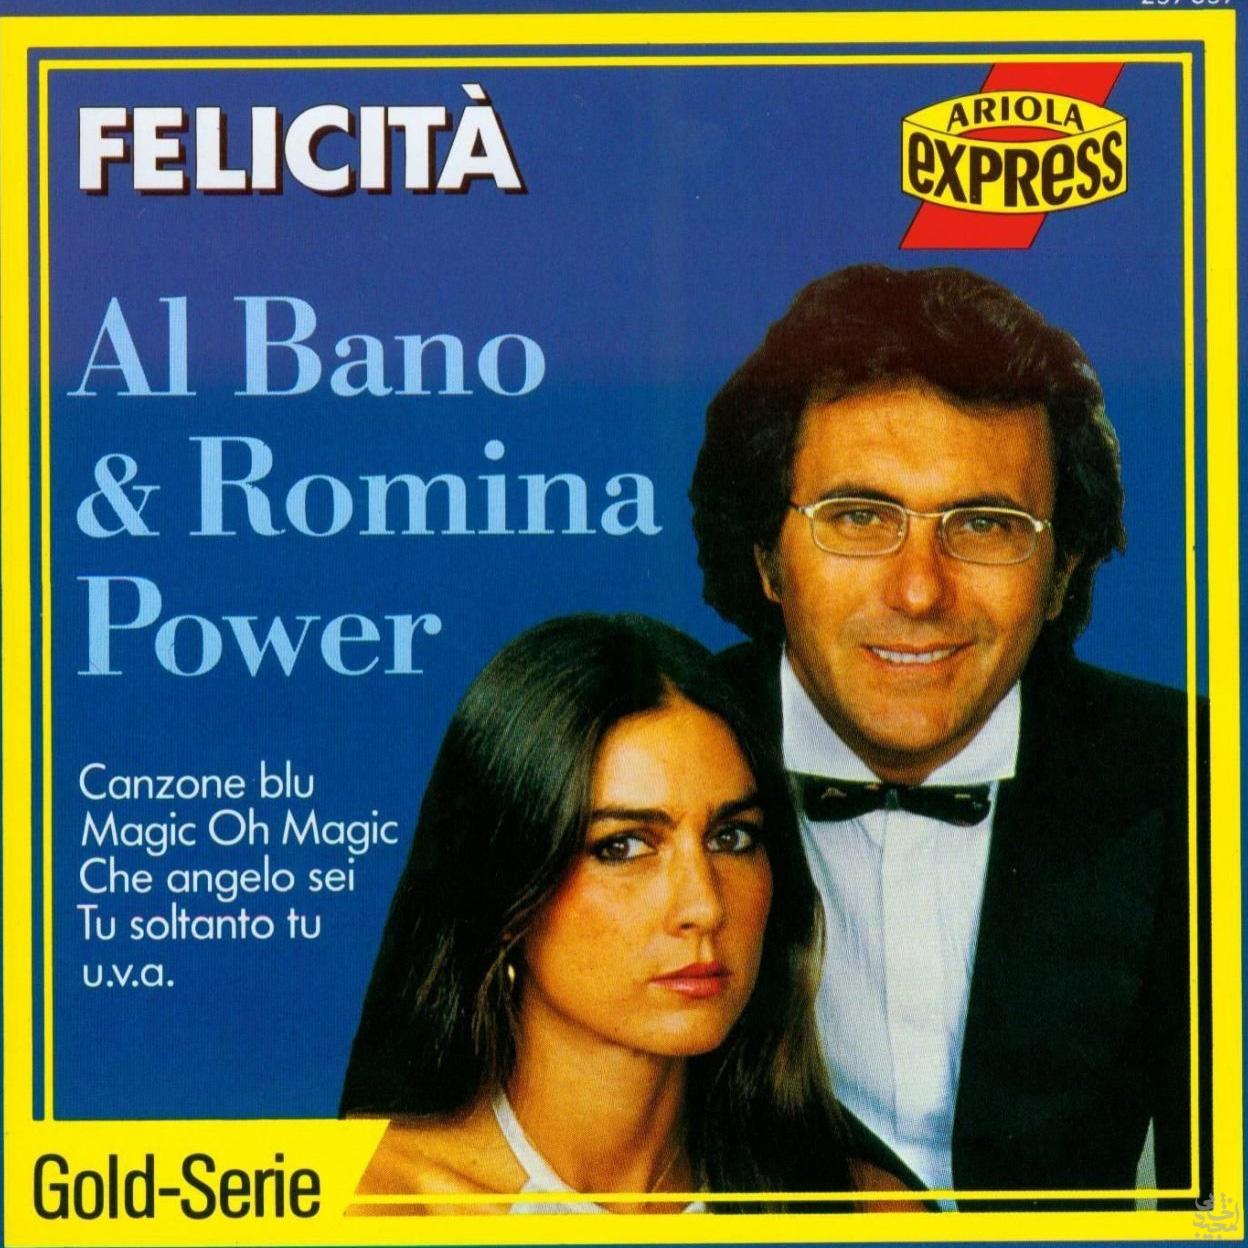 موسیقی پیشنهادی مجید اخشابی _ Al Bano & Romina Power – Felicita